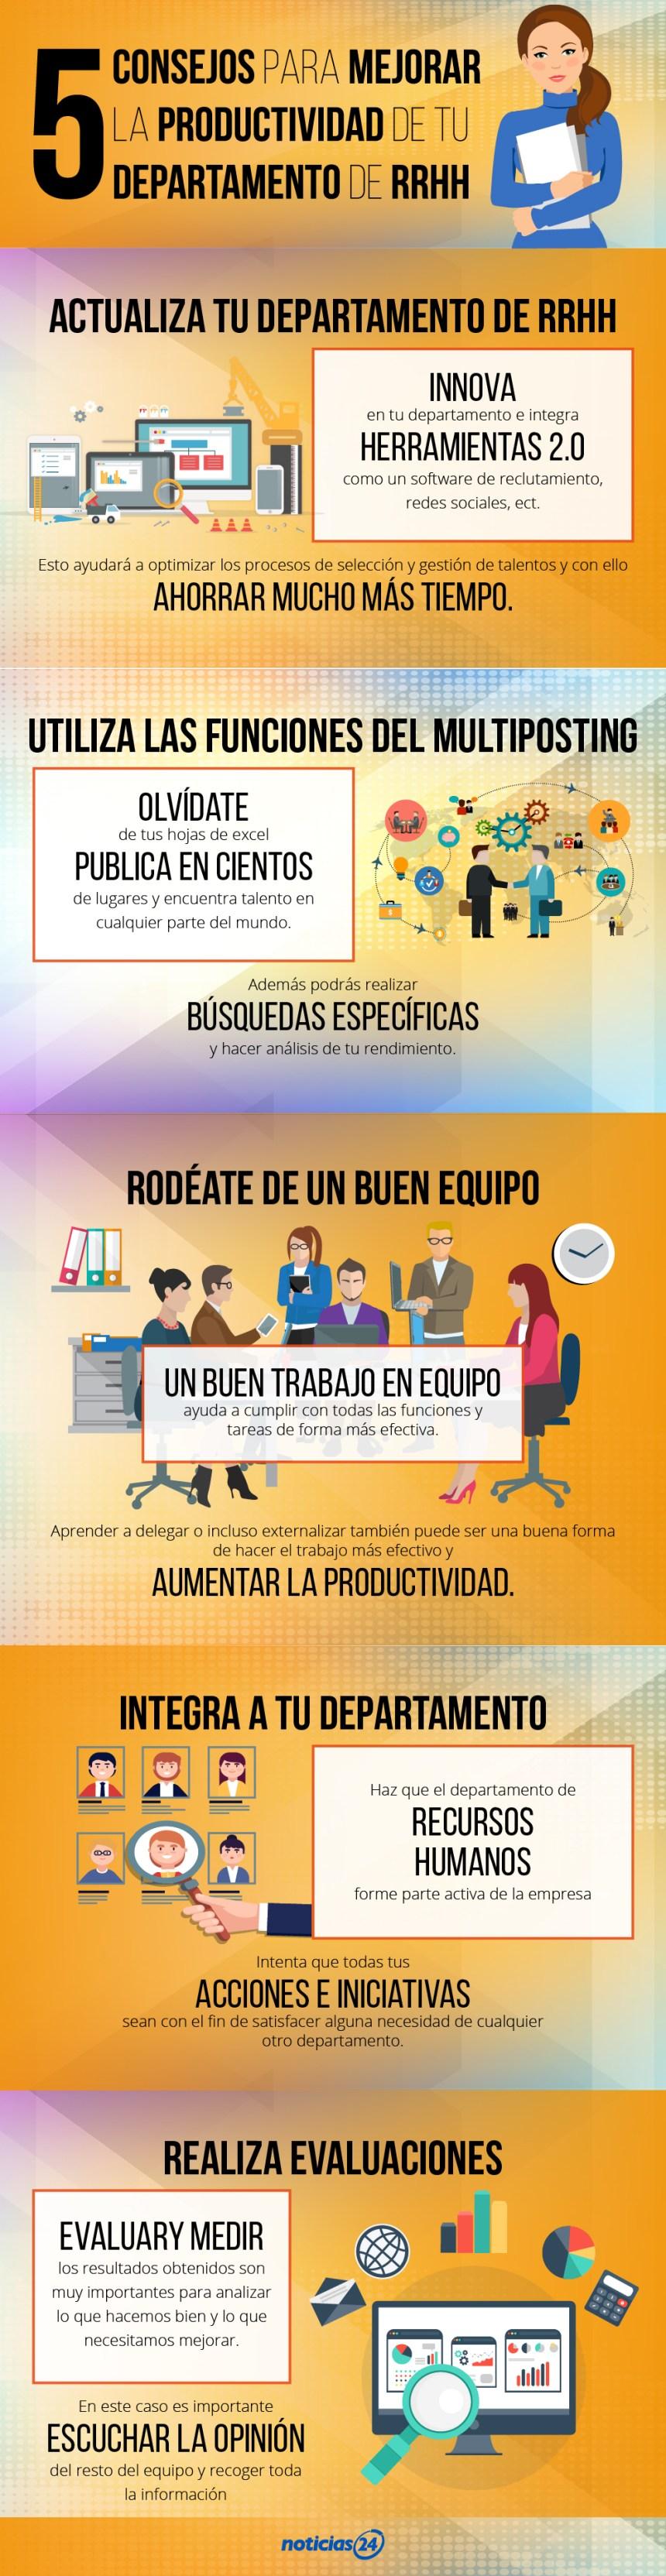 5 consejos para mejorar la productividad de un departamento de Recursos Humanos